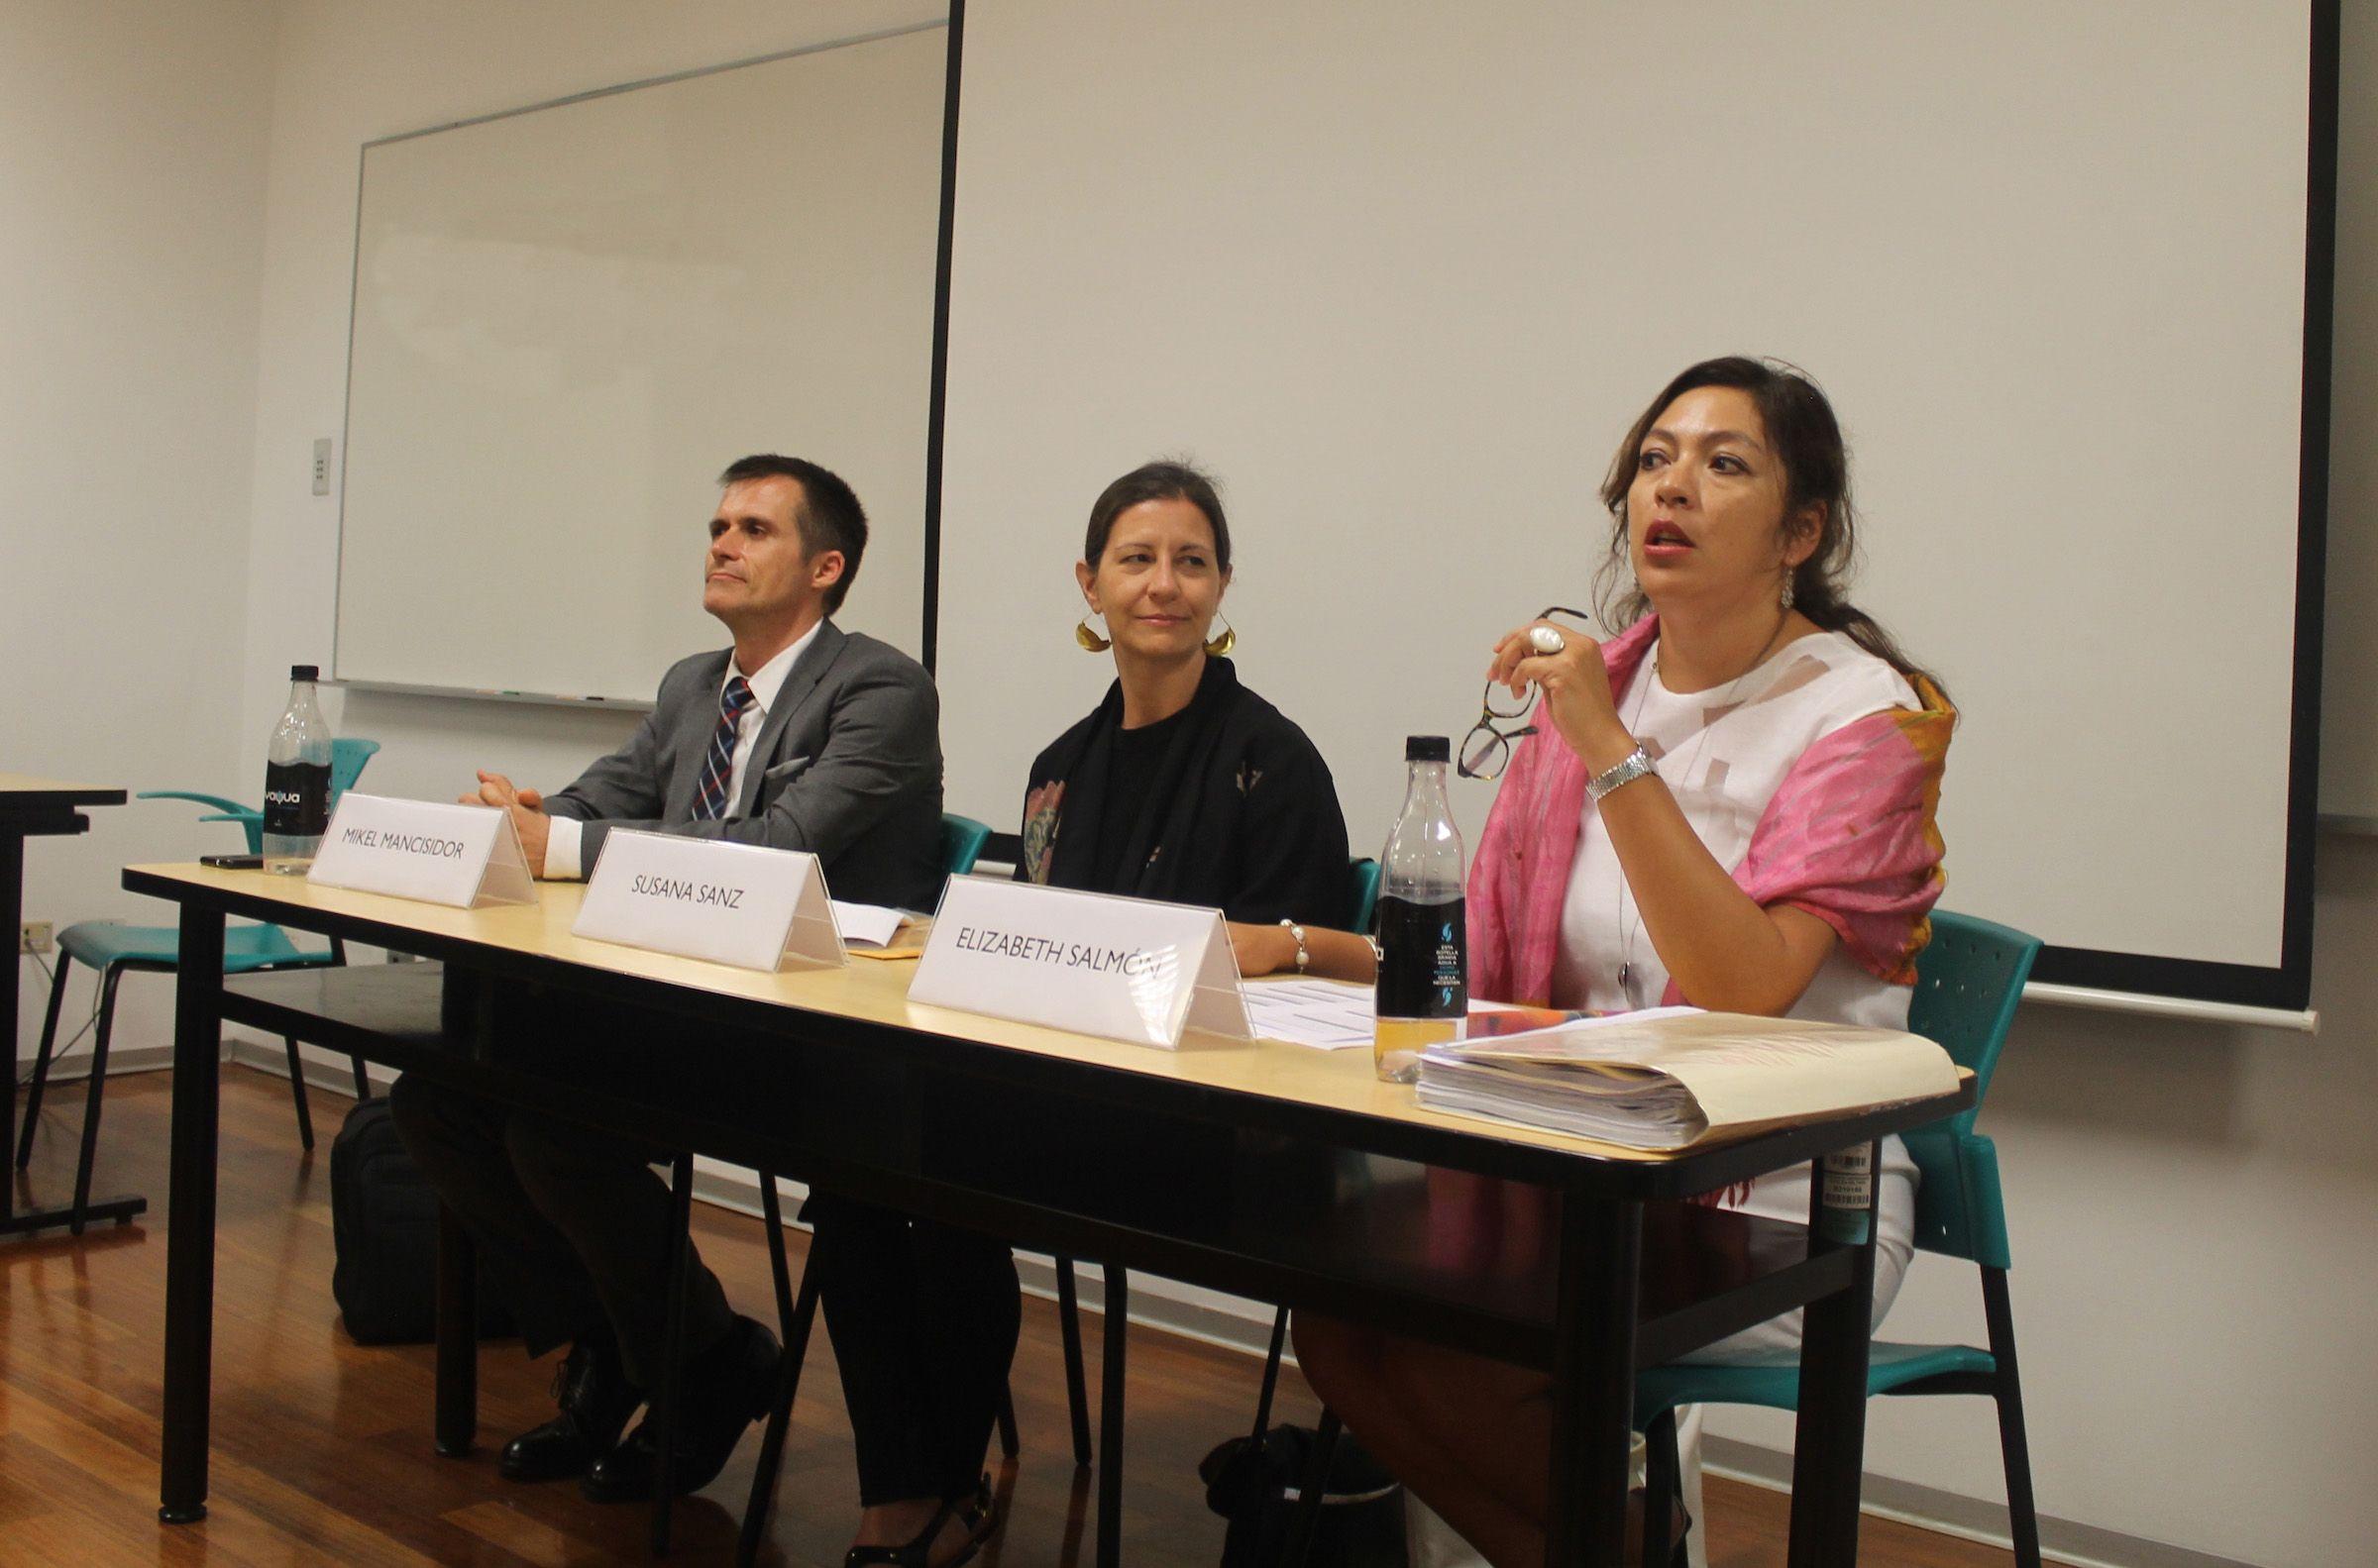 Los ponentes Mikel Mancisidor, Susana Sanz y Elisabeth Salmón, en una de las sesiones del curso para jueces, fiscales y abogados peruanos.